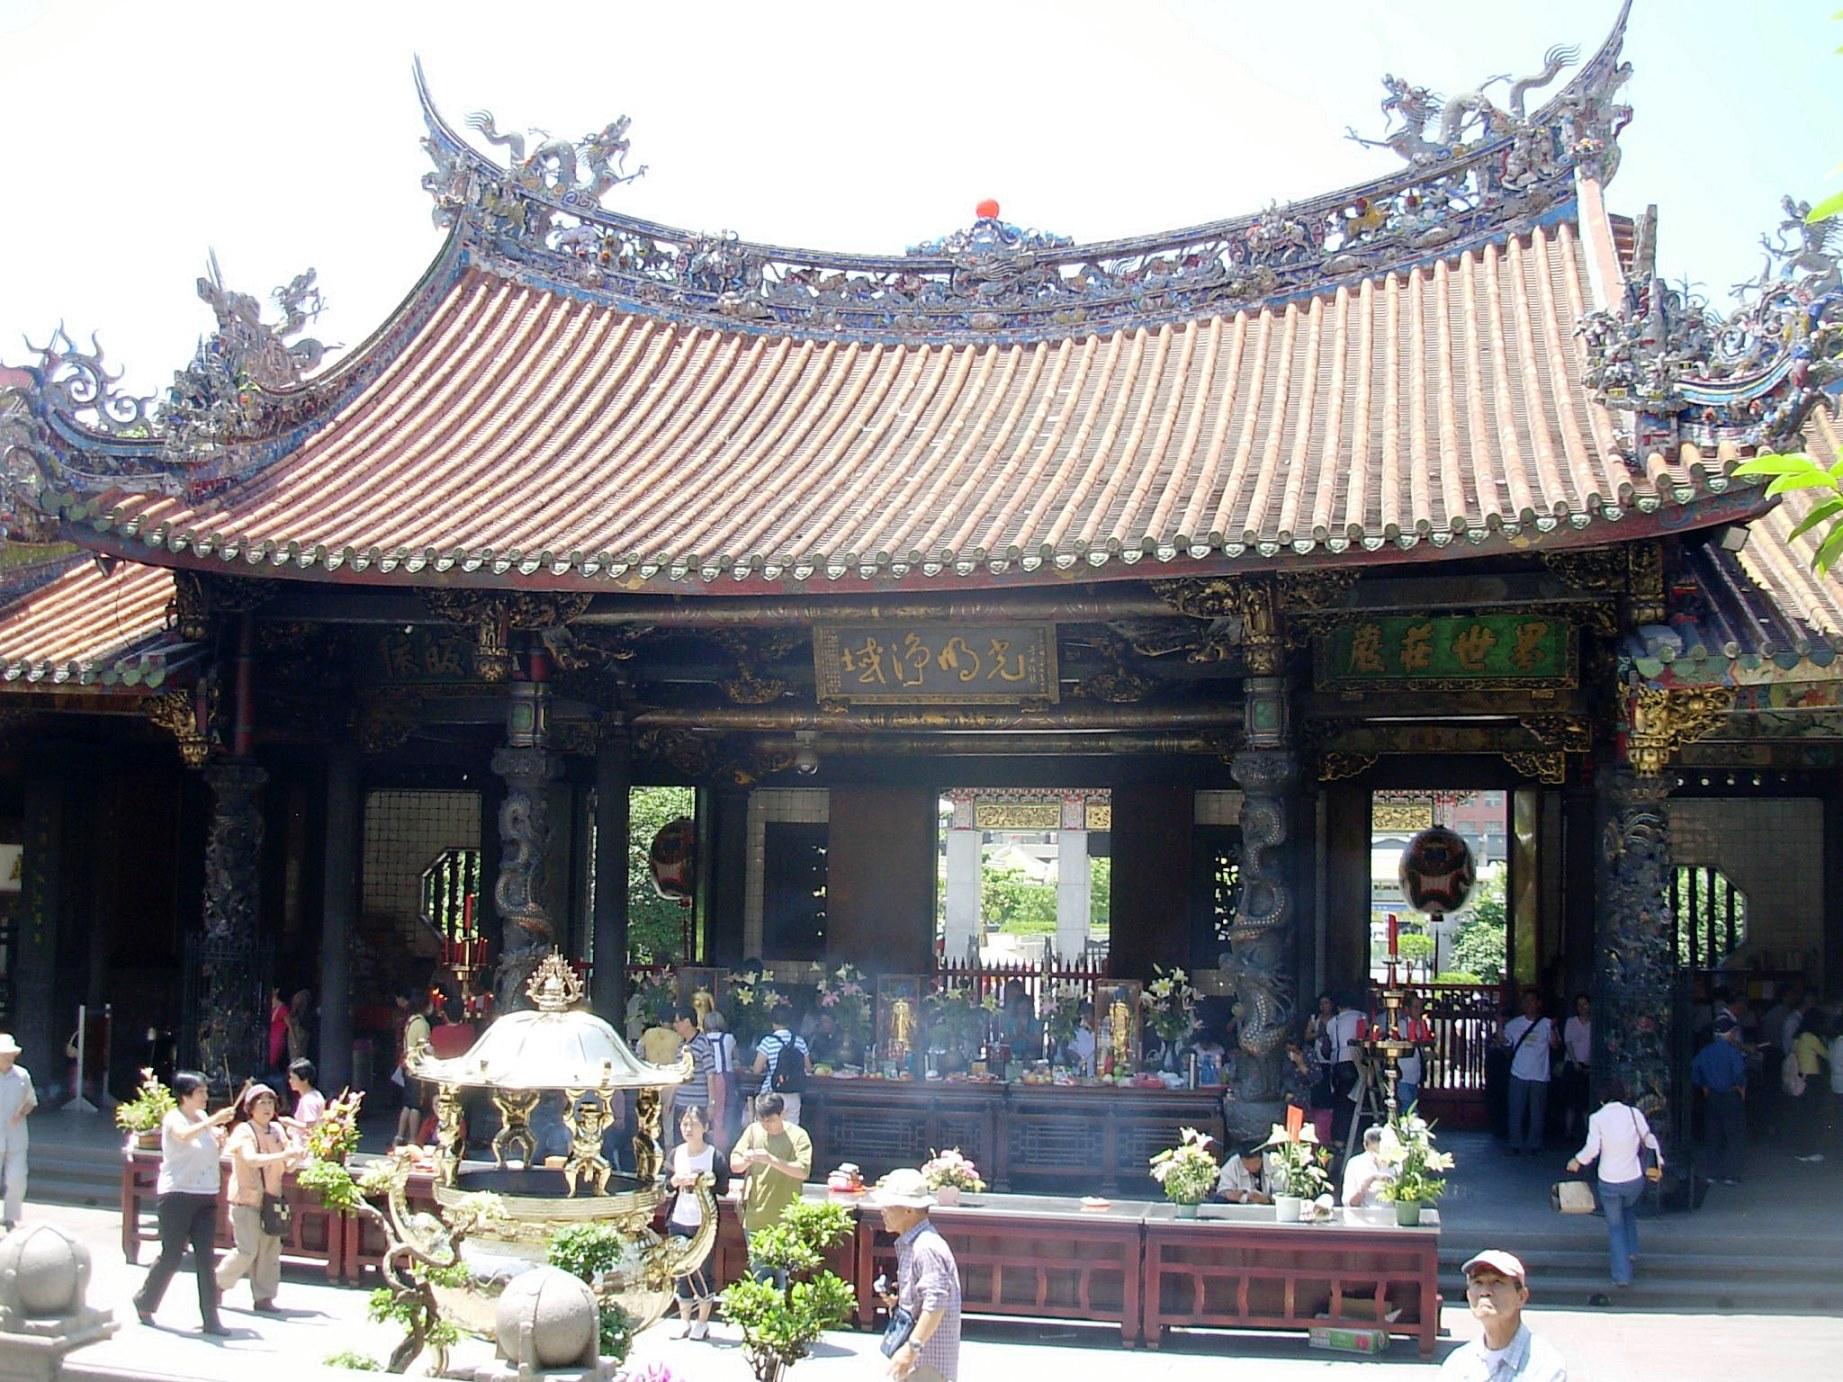 台北最古の寺院・龍山寺